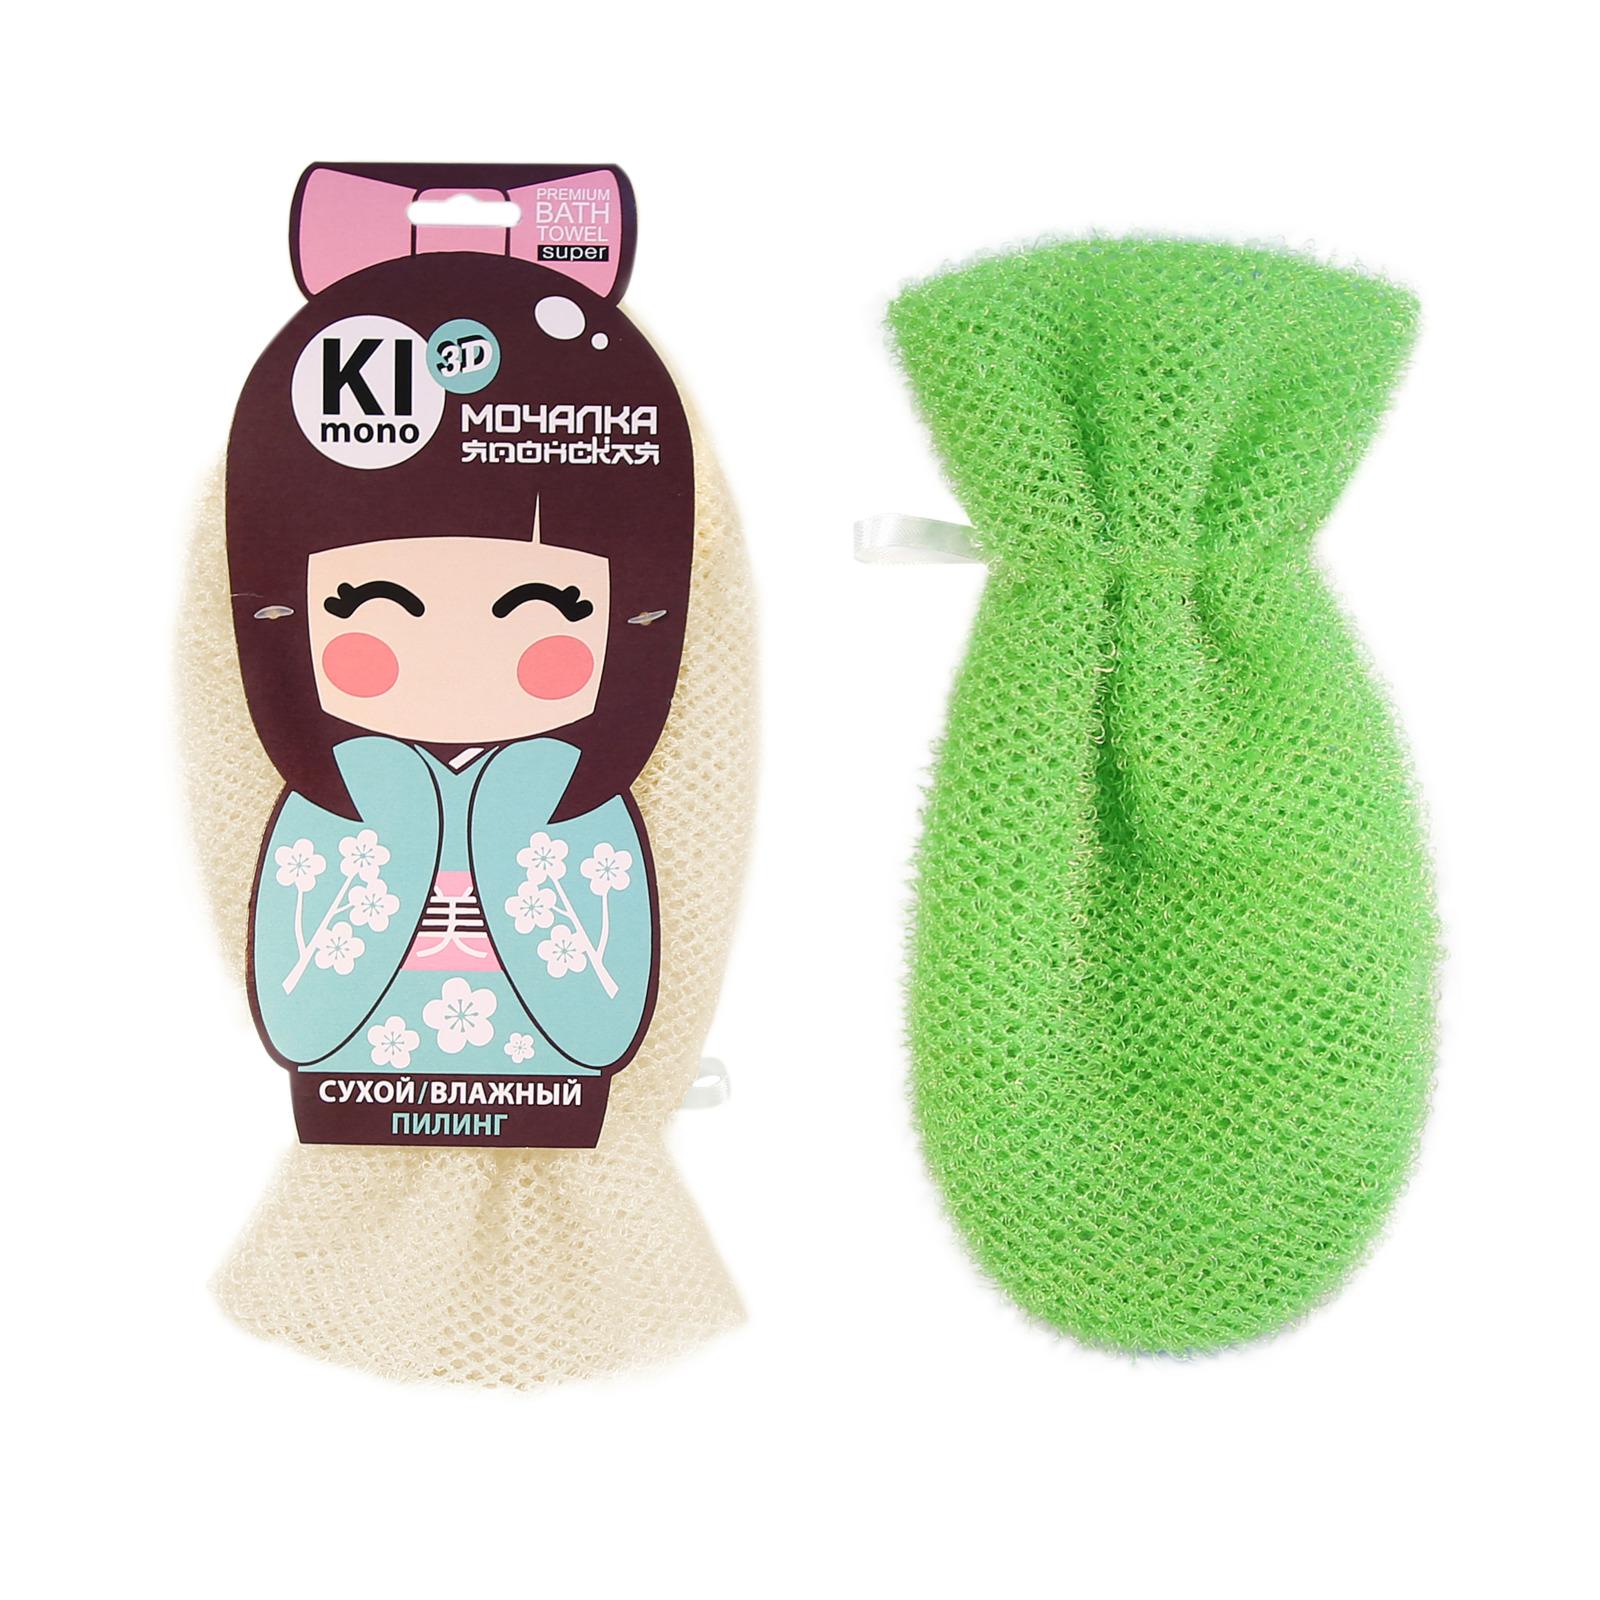 Мочалка Eva Kimono 3D. Рукавица Пилинг, М4902, цвет в ассортименте, 27 х 14 смМ4902Оригинальная позиция для ценителей Японских мочалок. Мочалка-рукавица, средней степени жёсткости, выполнена из уникального нейлонового крупноячеистого 3D полотна. Идеальна как для сухого пилинга тела, так и для традиционного очищения тела с водой и мылом. Удобно фиксируется на руке, благодаря фактуре быстро сохнет. Японская мочалка-рукавица идеальный помощник в борьбе с целлюлитом, просто наденьте её на руку и с помощью самомассажа проработайте все проблемные зоны тела, регулируя силу нажатия и тем самым контролируя скрабирующий эффект. Результат: свежая, упругая кожа без неровностей.Уважаемые клиенты!Обращаем ваше внимание на то, что товар в цветовом ассортименте. Поставка осуществляется в зависимости от наличия на складе.